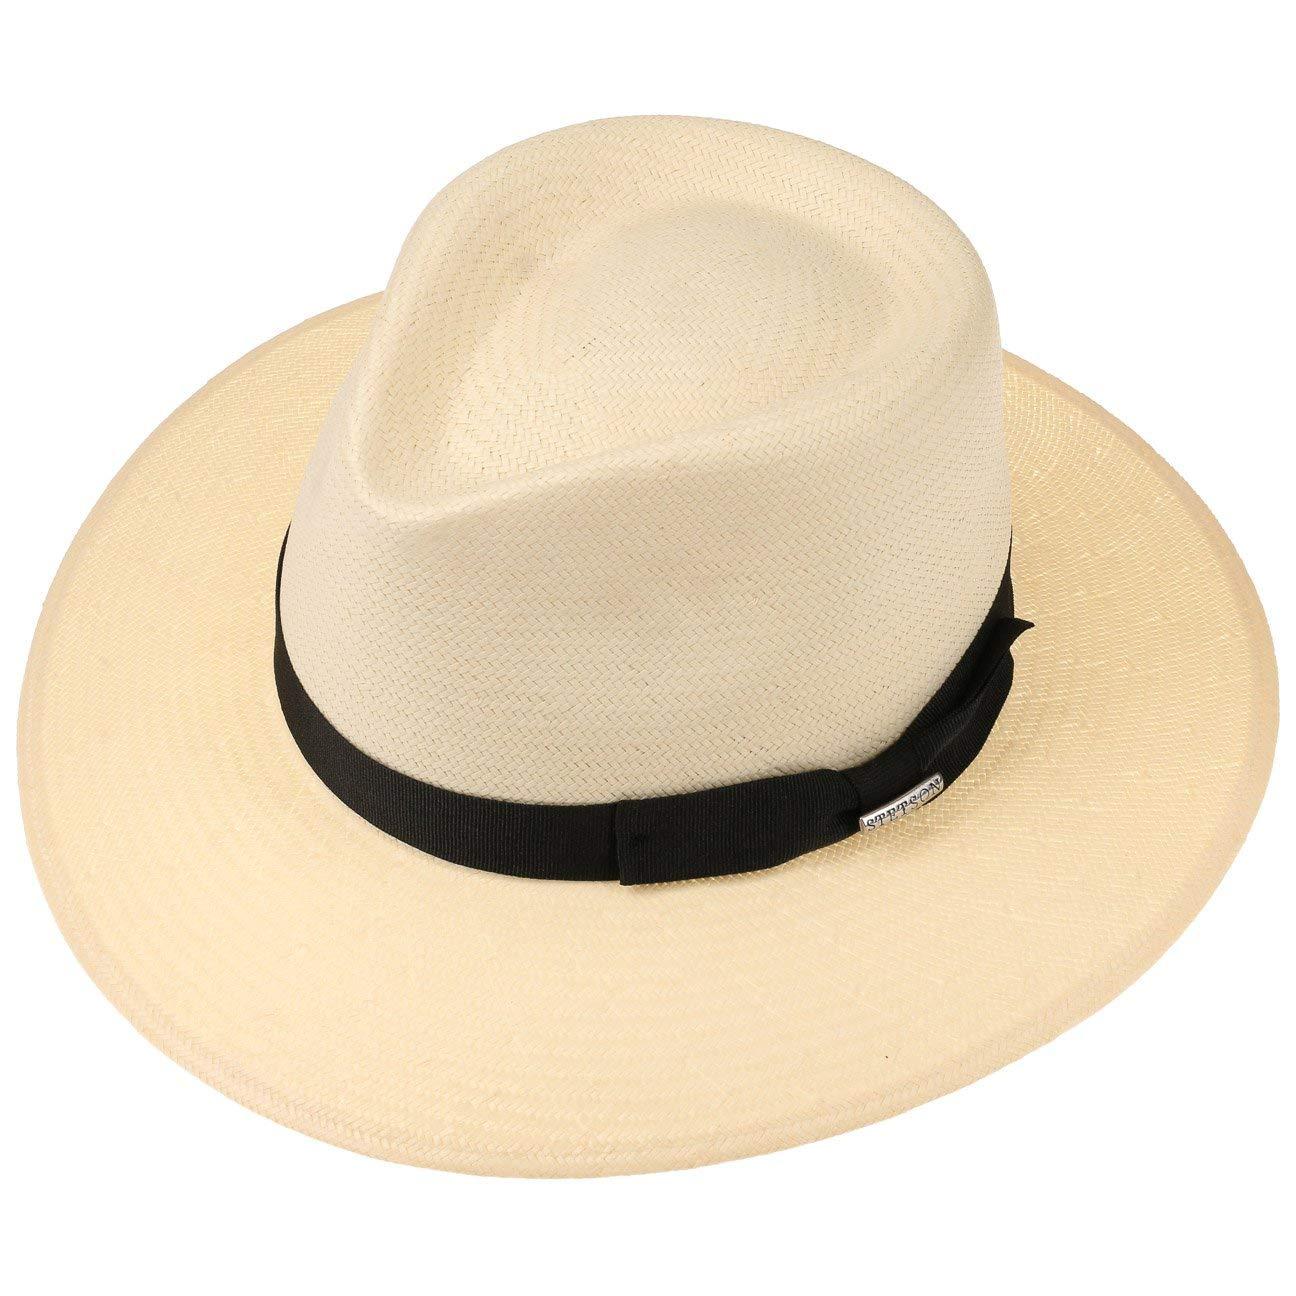 Sombrero de Paja Sol Outdoor con Banda Grosgrain Primavera//Verano Stetson Traveller Toyo Tokeen Hombre